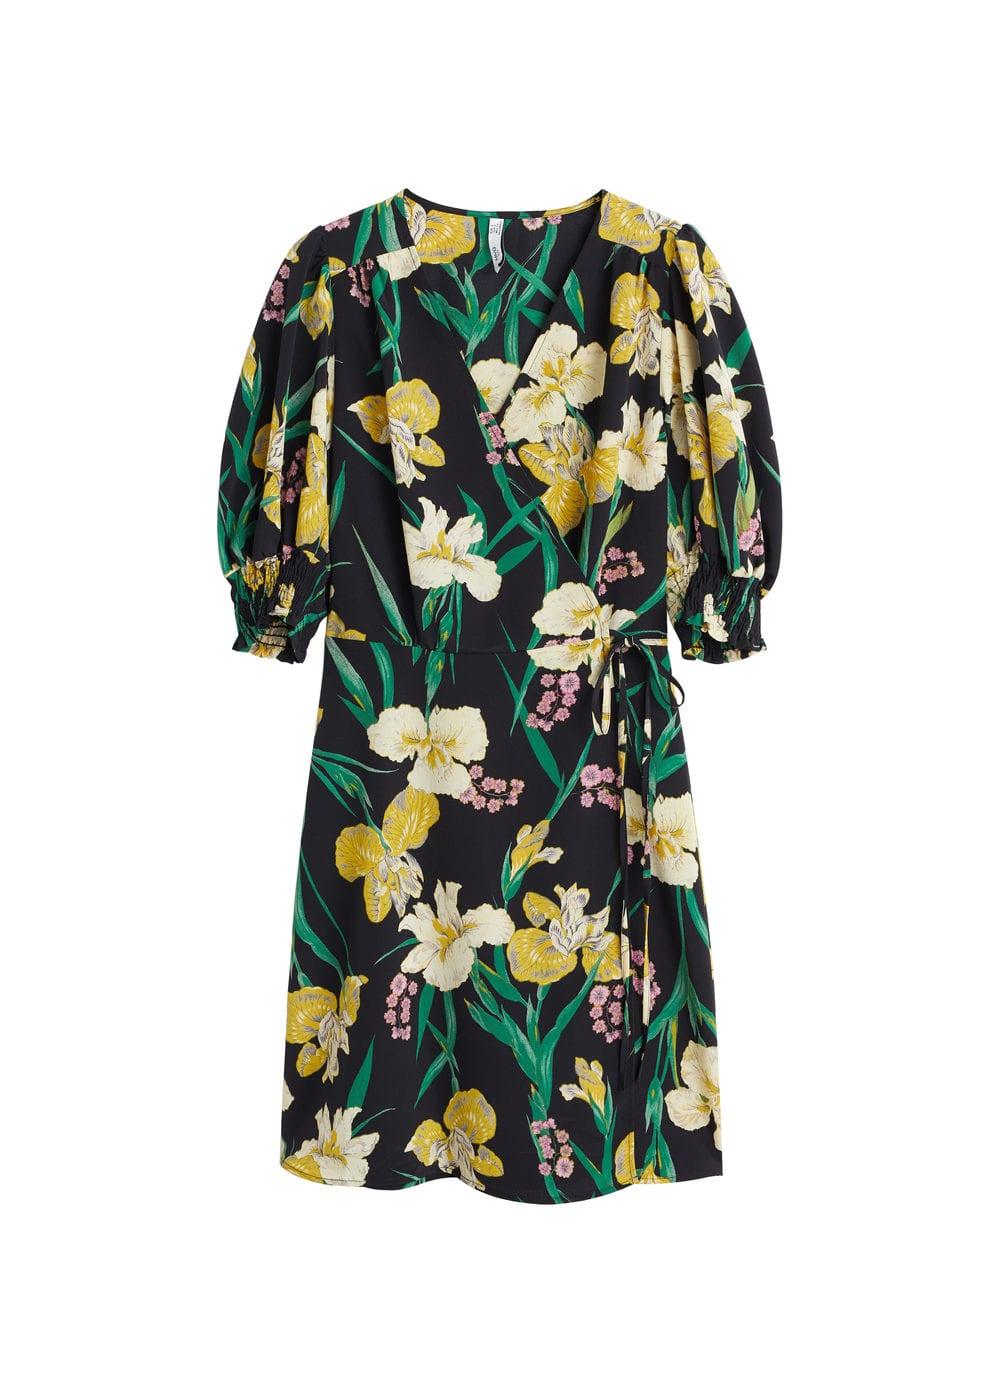 m-cor:vestido cruzado flores